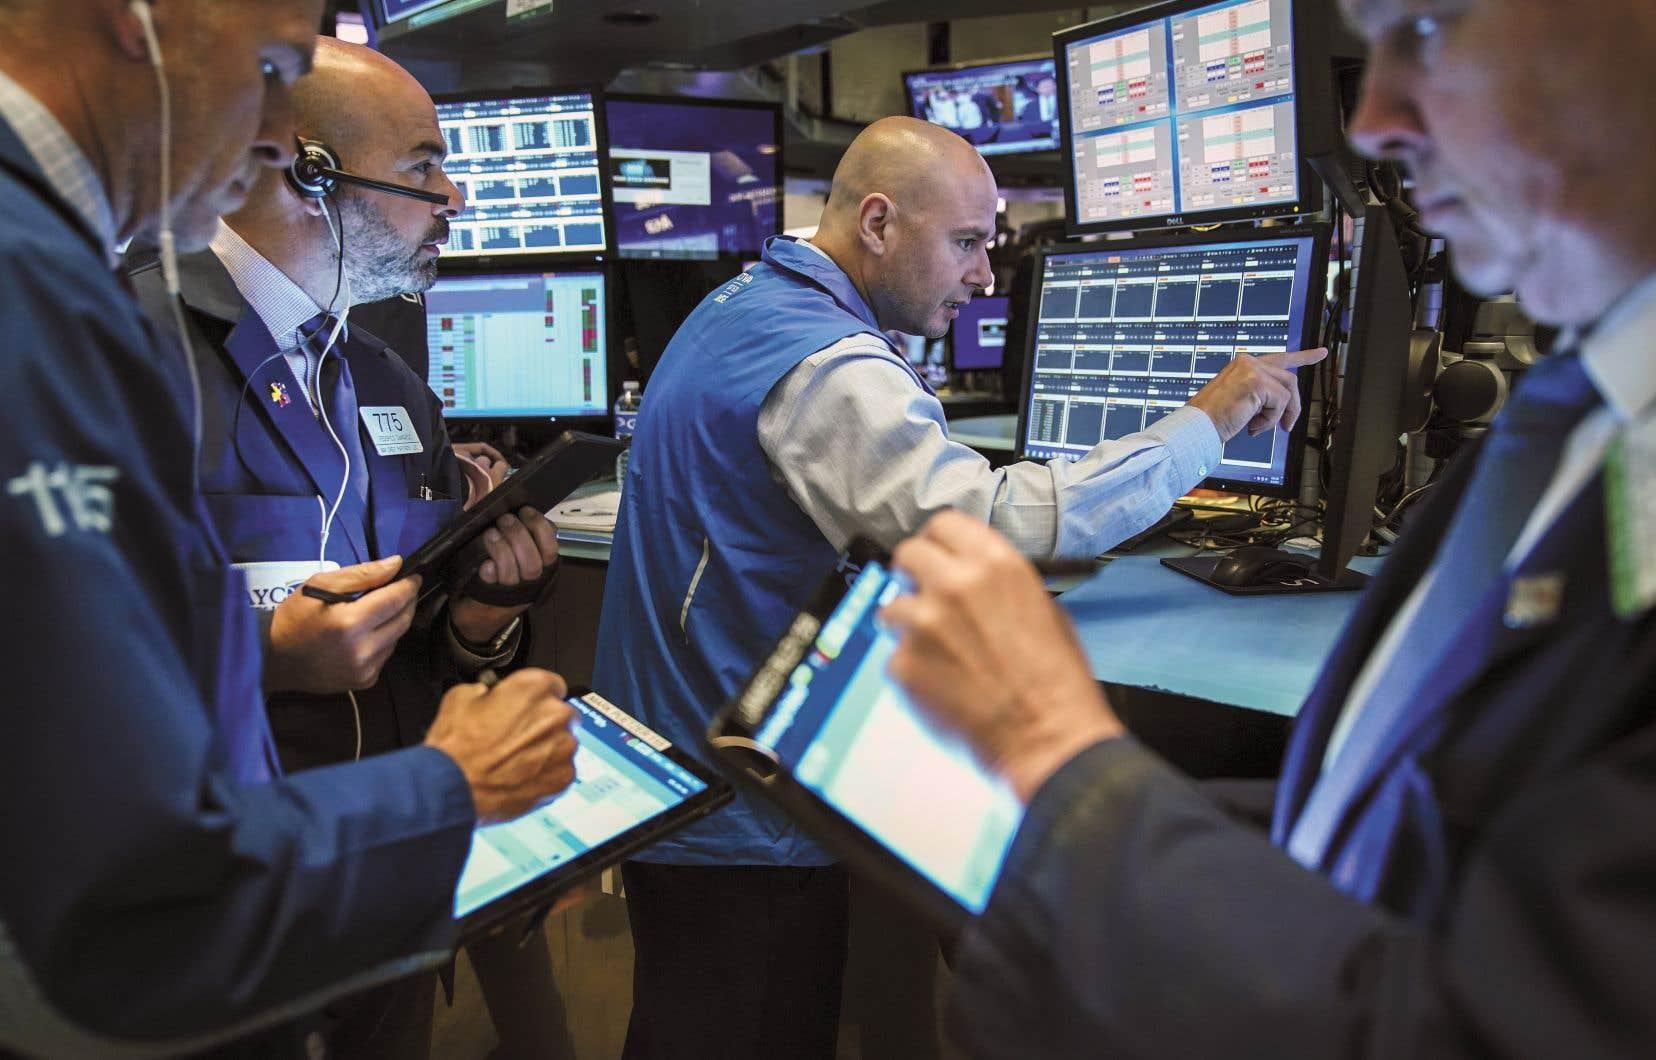 Morgan Stanley a indiqué qu'elle verrait une récession mondiale «d'ici neuf mois» si le président Donald Trump applique des tarifs douaniers sur de nouveaux produits chinois.